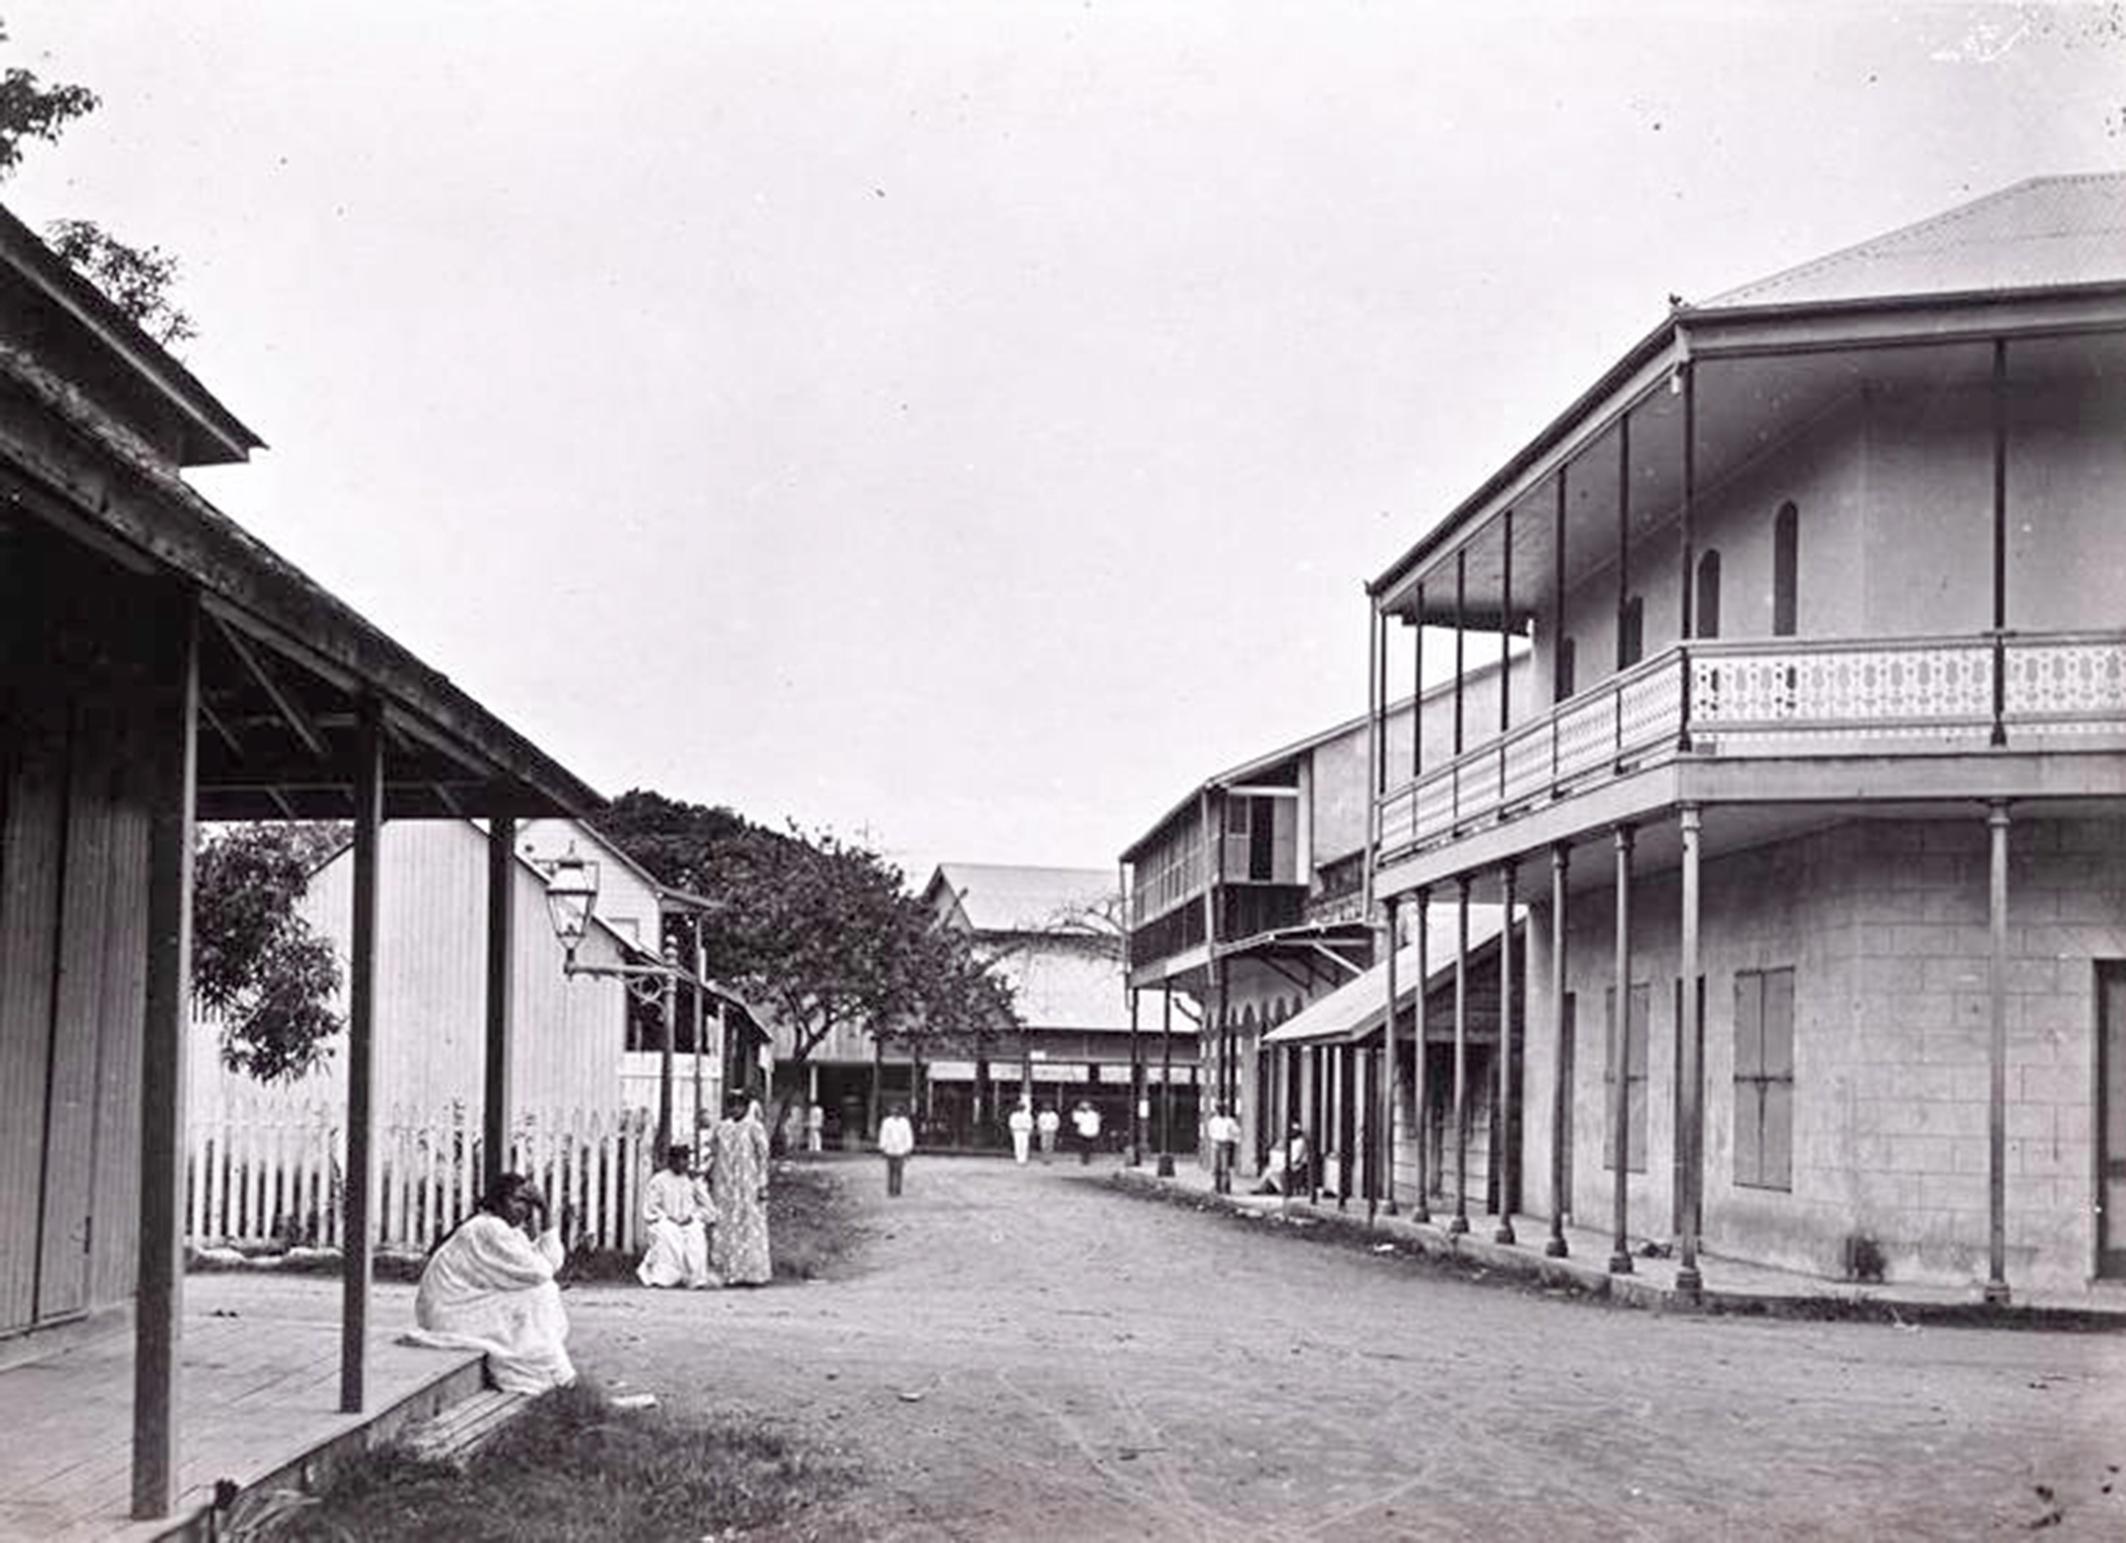 La rue des Beaux Arts en 1897, vue du carrefour avec la rue de l'Est (actuellement rue du maréchal Foch) en direction de la mer. On aperçoit au fond l'ancien marché.